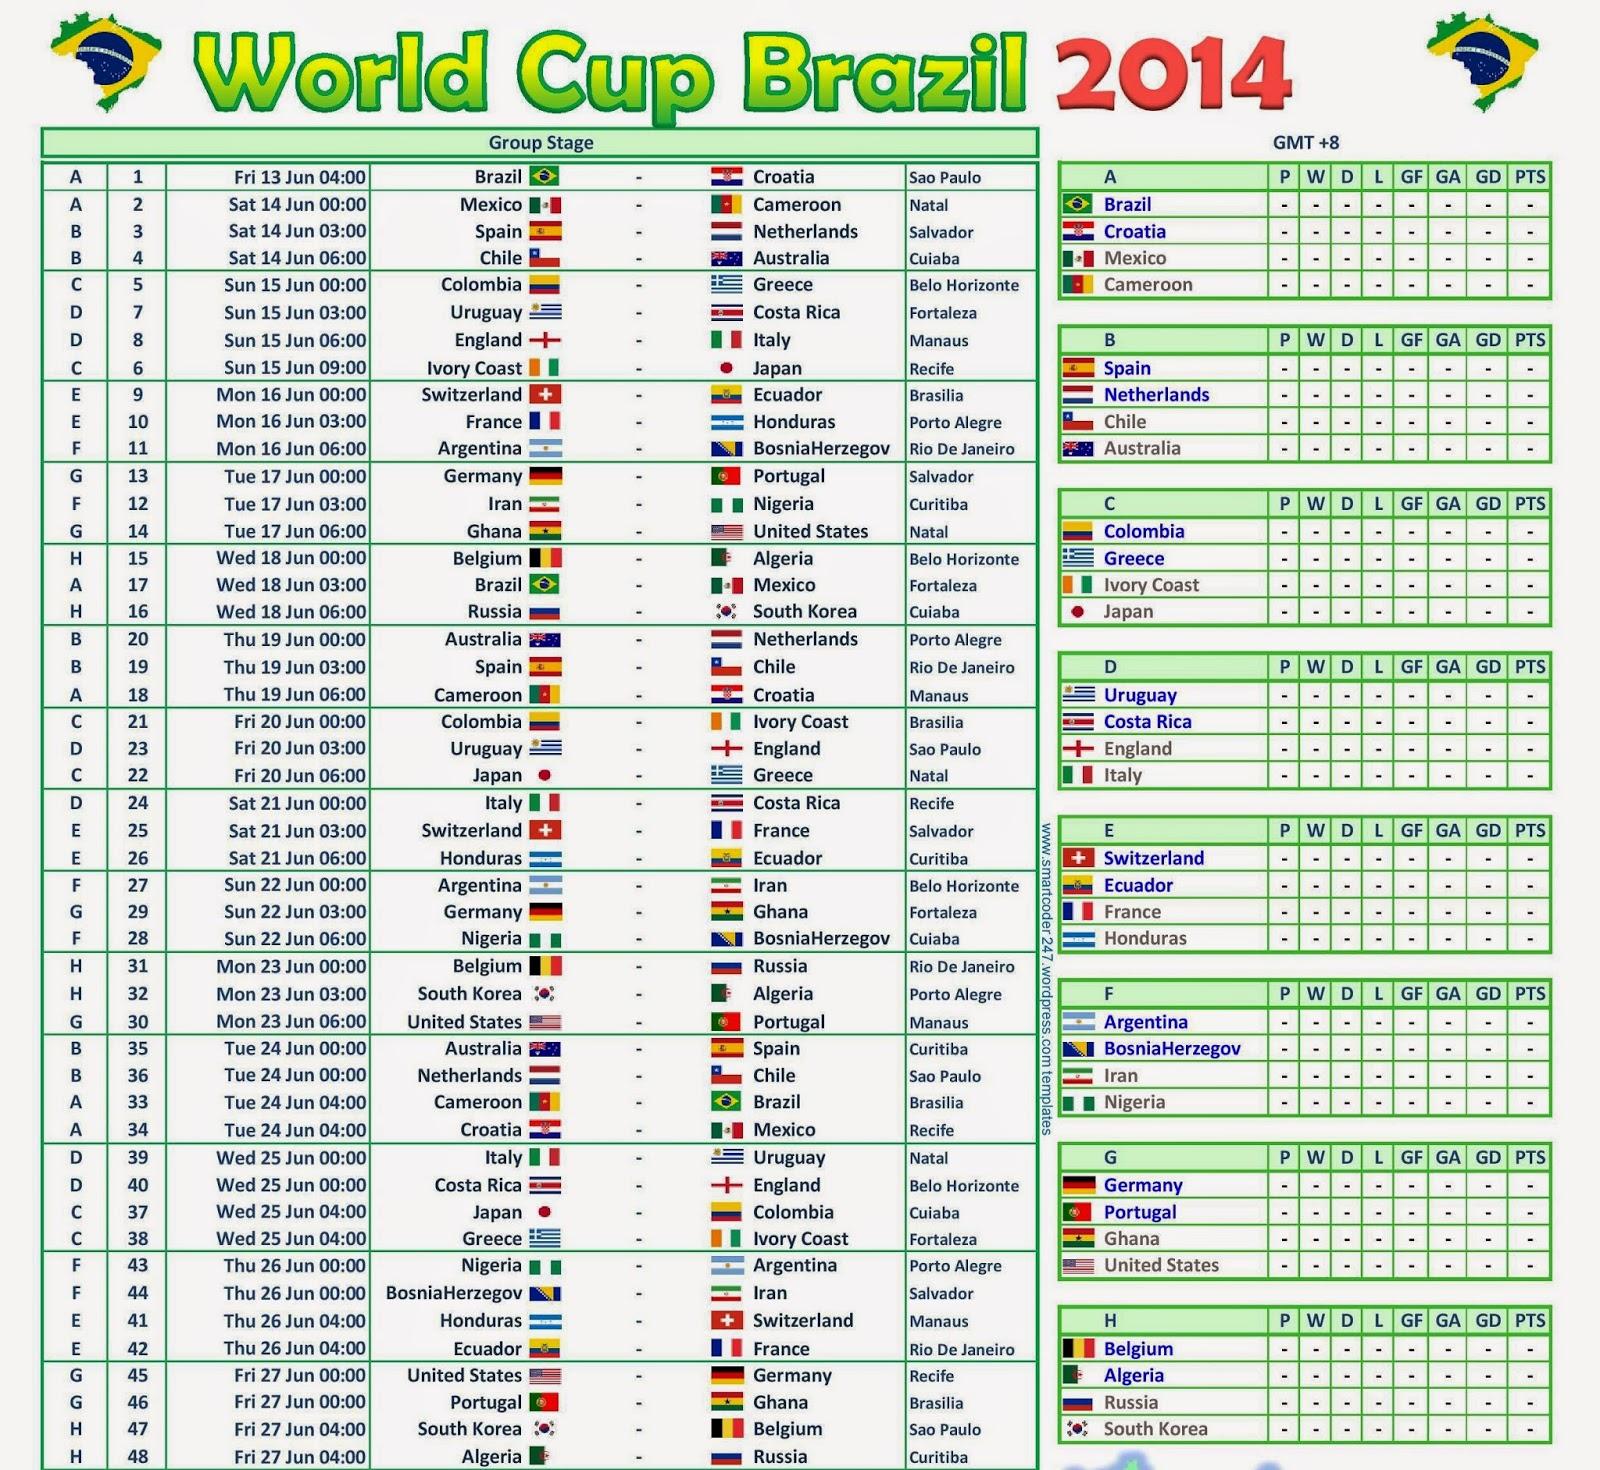 menukar format jam world cup mengikut waktu malaysia seperti di